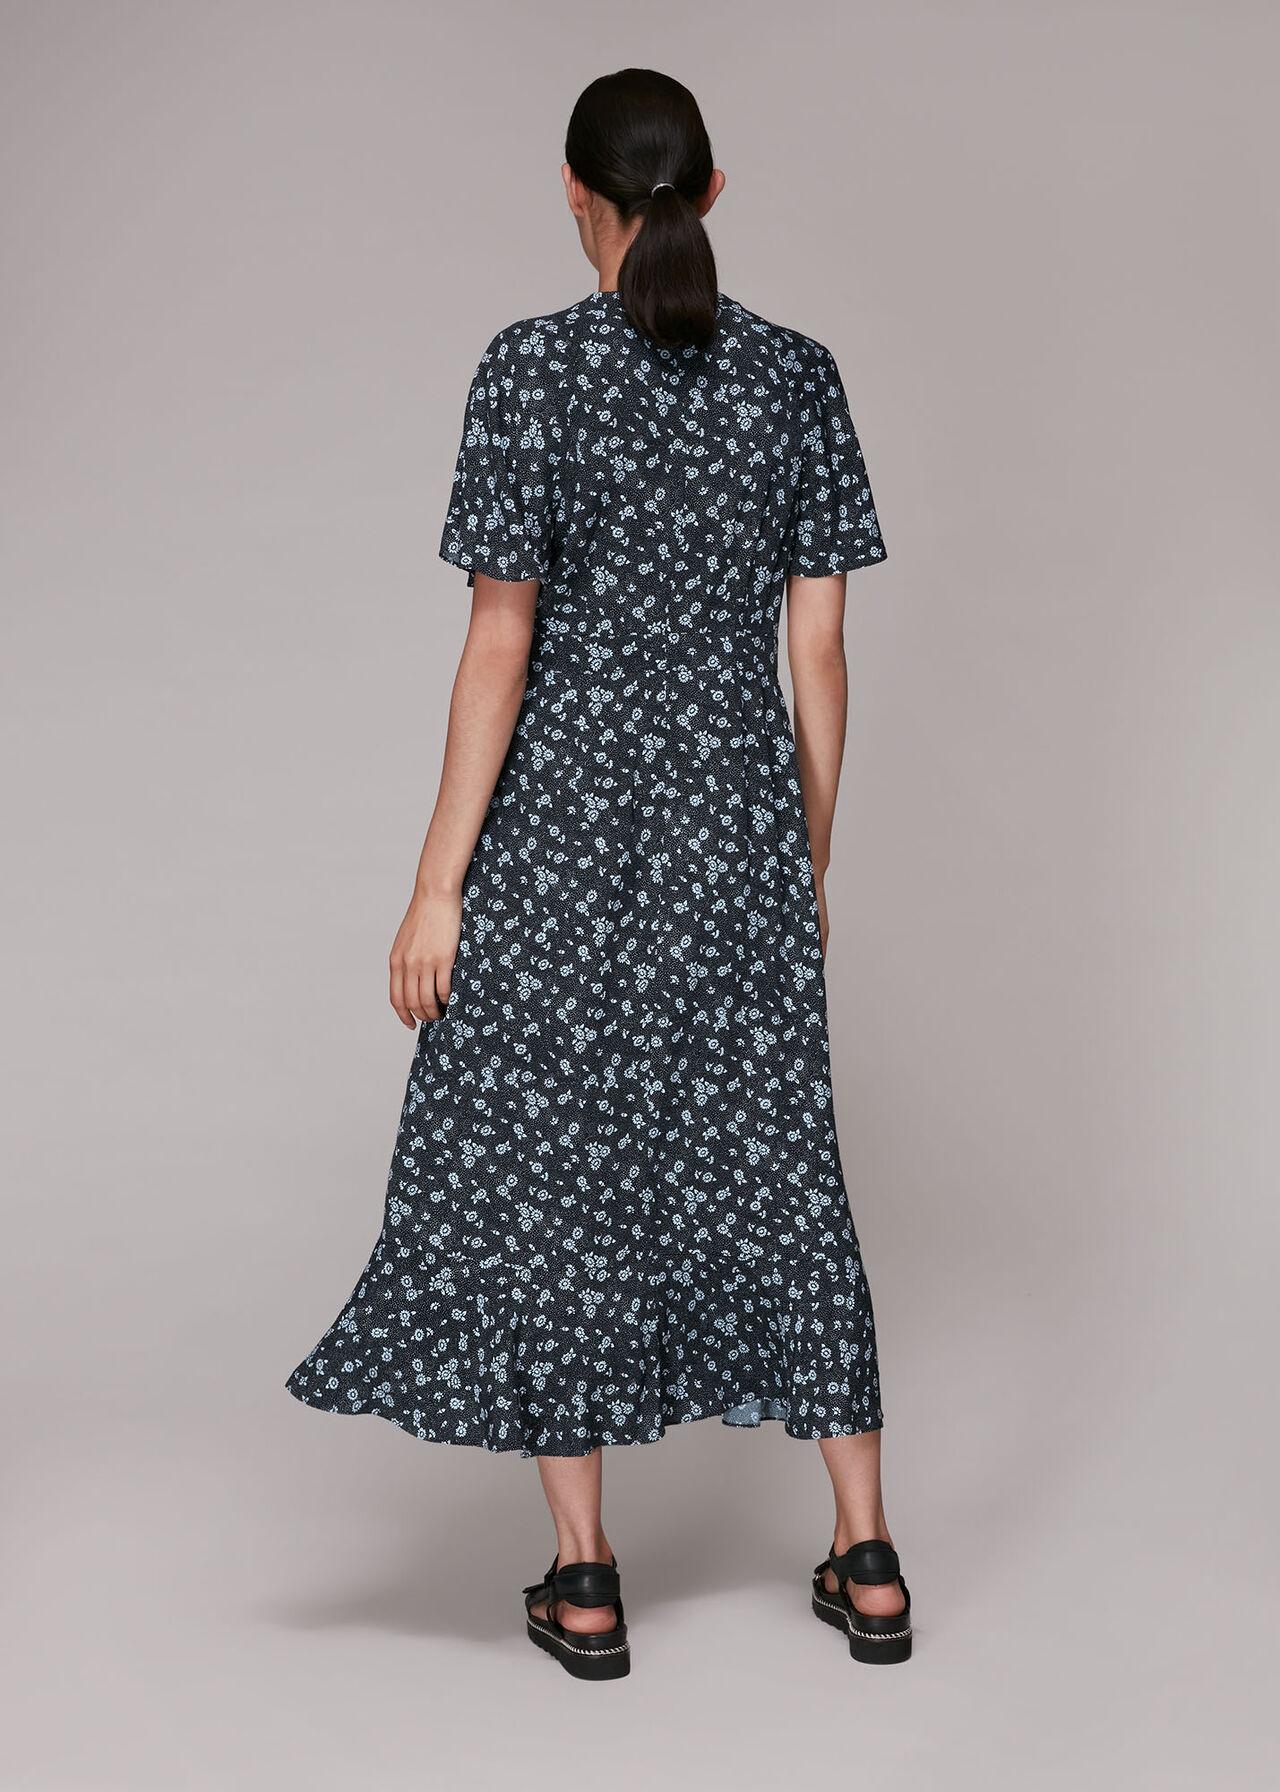 Daisy Spot Print Midi Dress